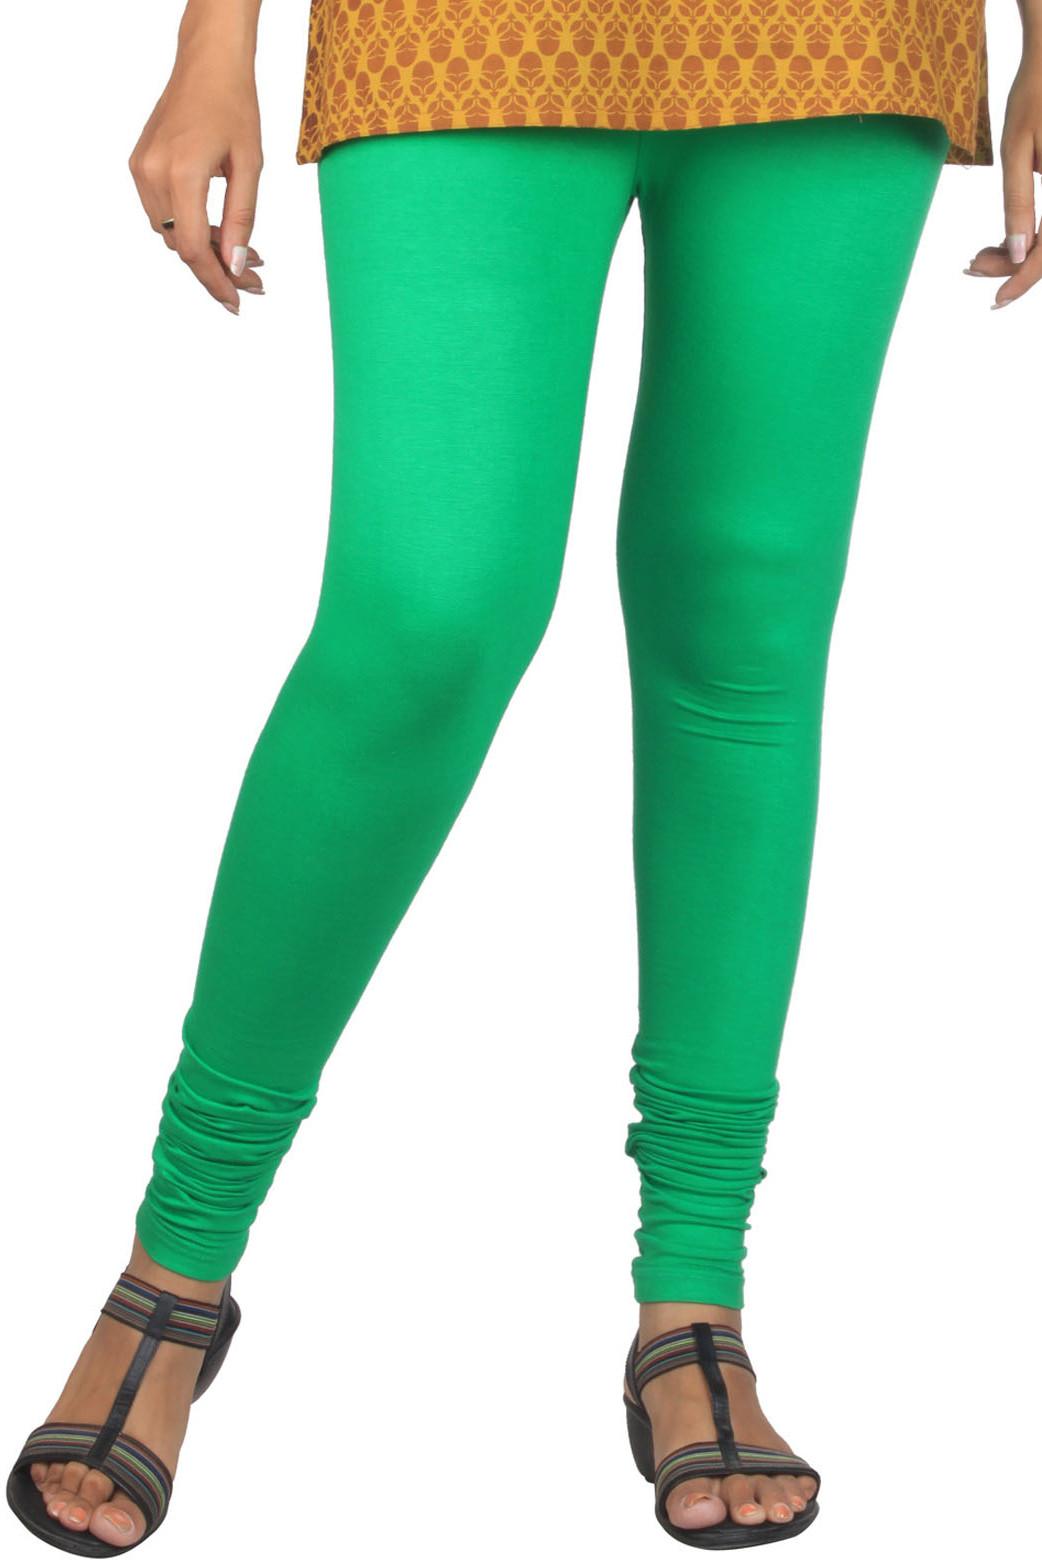 Aujjessa Womens Green Leggings